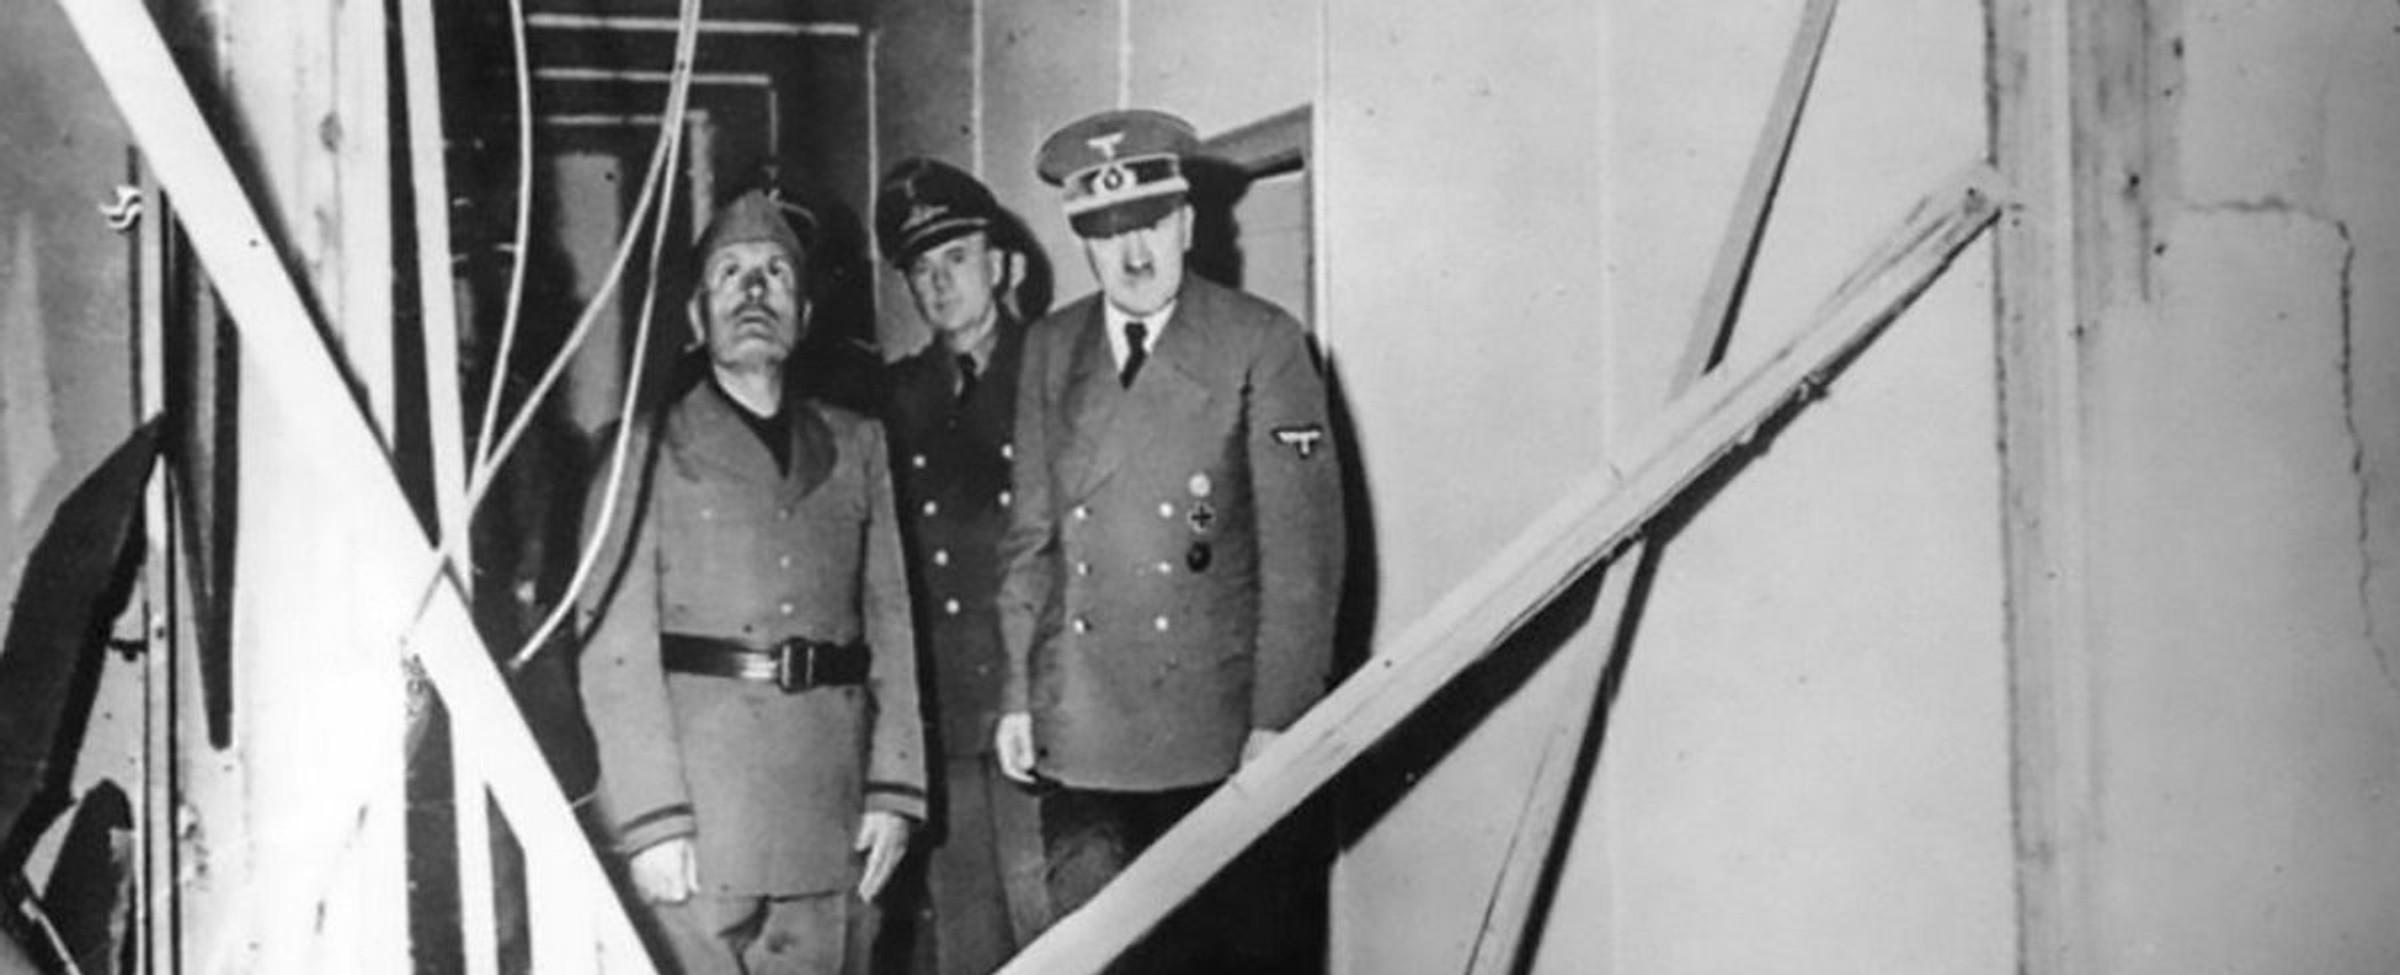 Operace Valkýra: Atentát na Hitlera